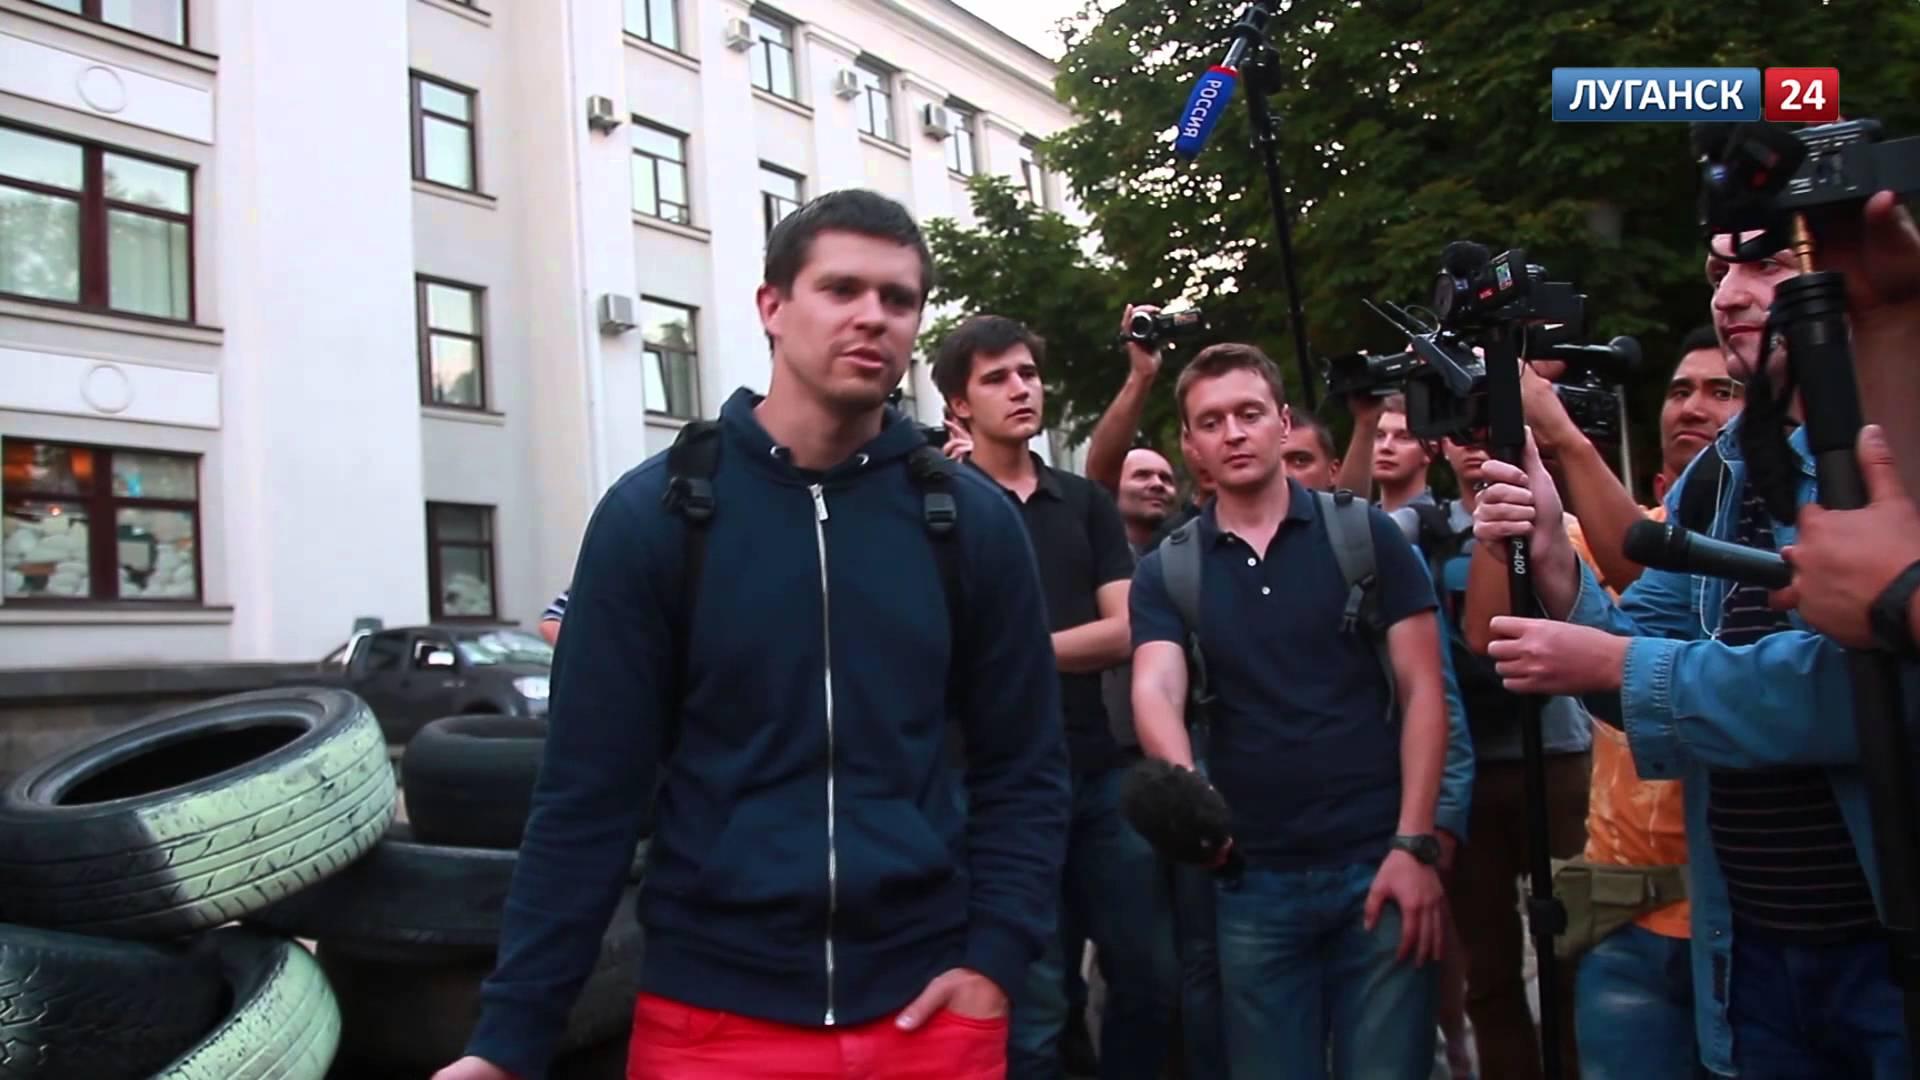 Освобожденные из плена журналисты Громадского, демонстративно отказались давать интервью российским СМИ